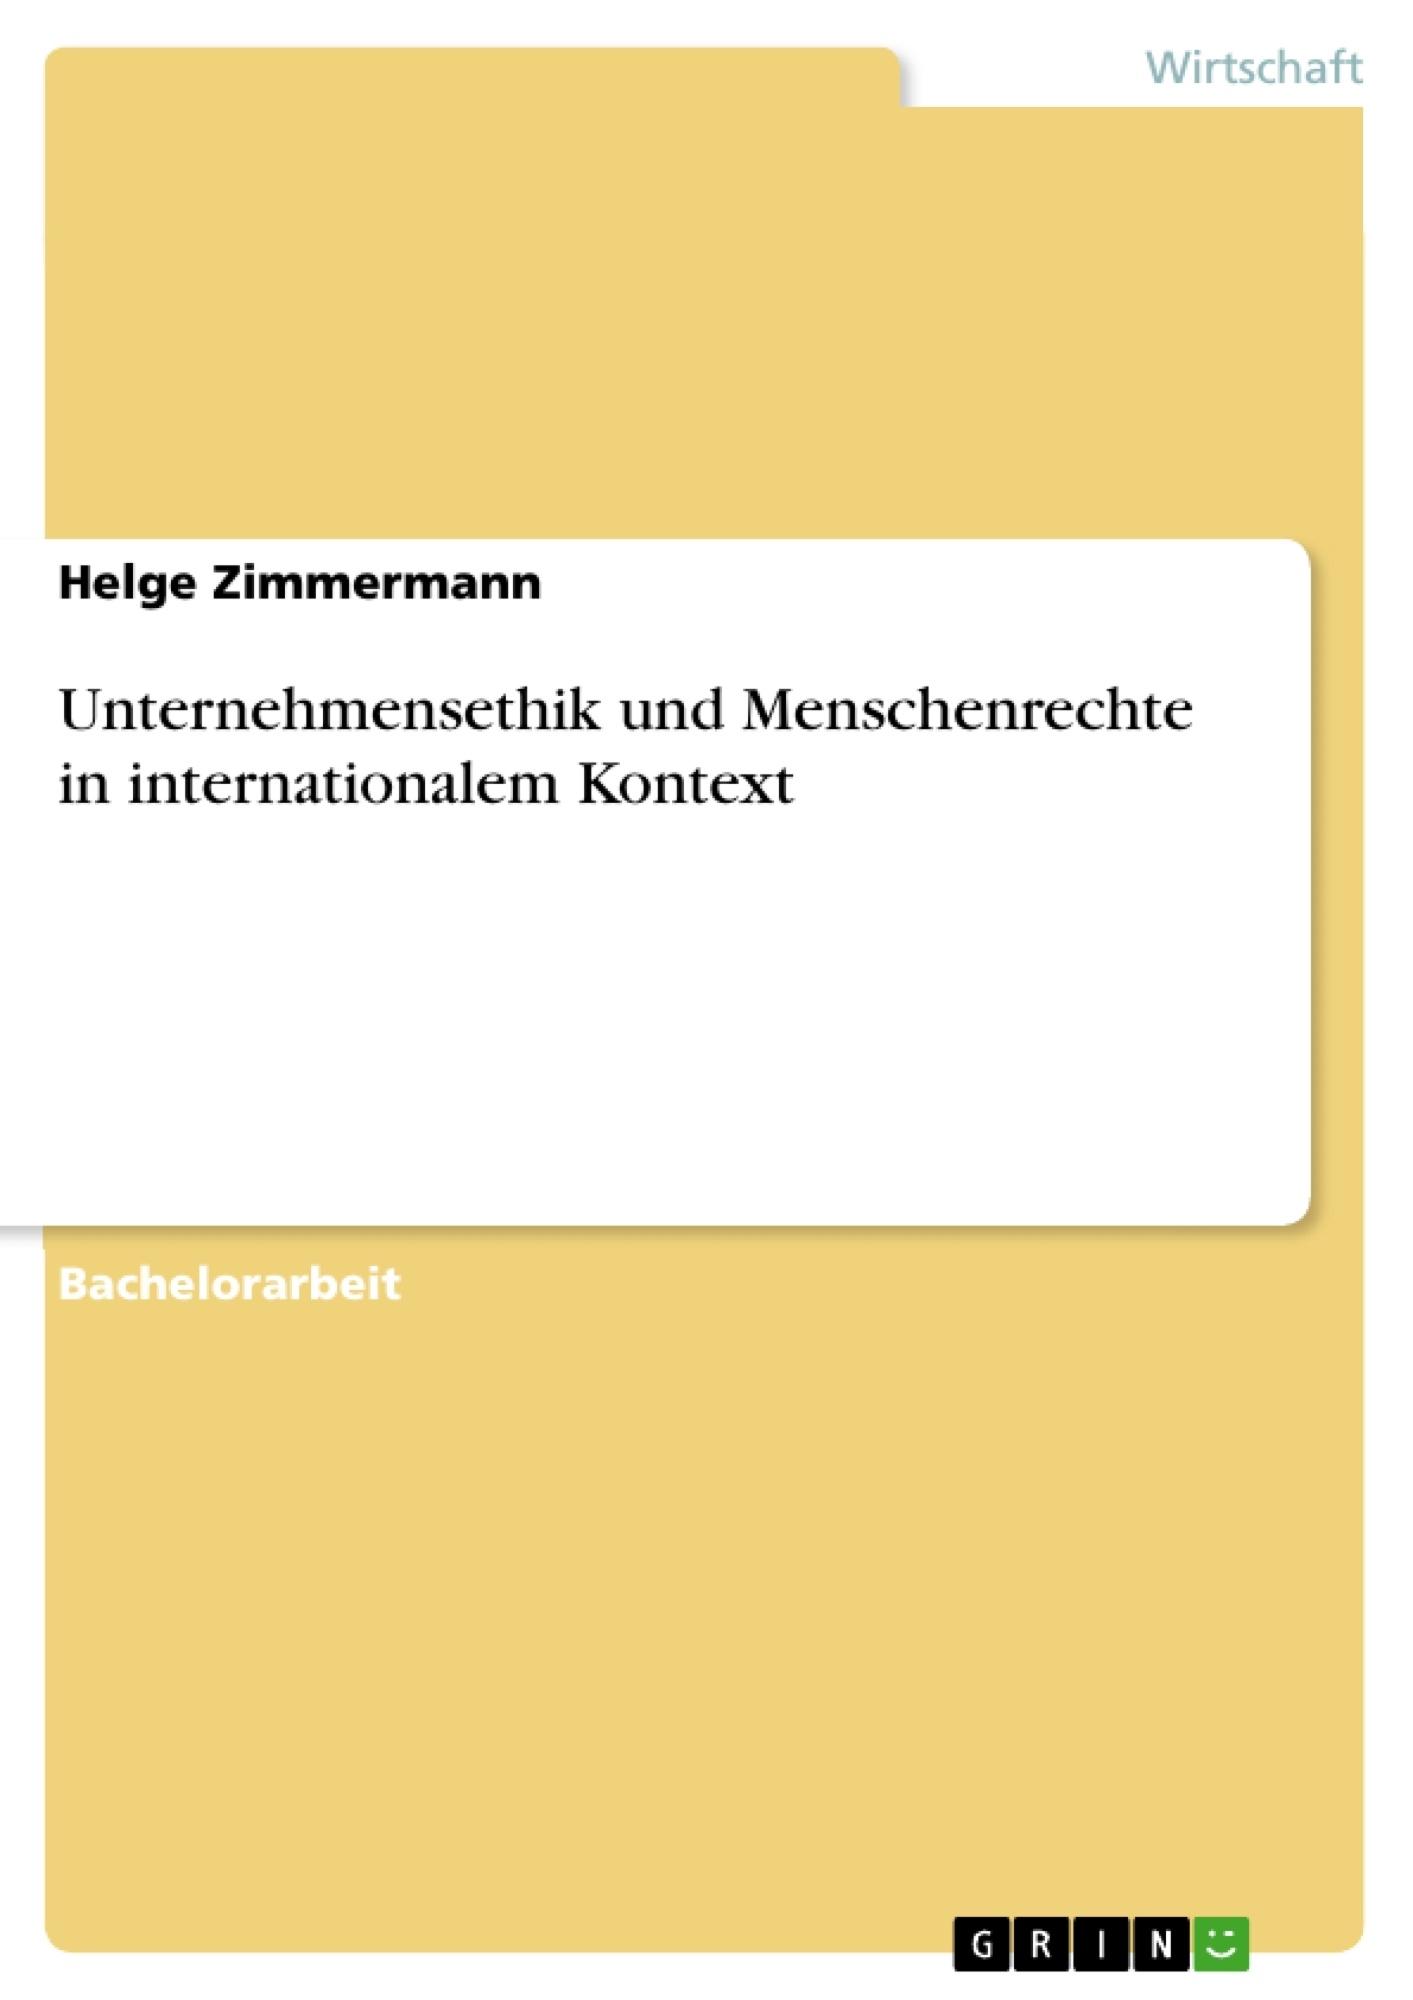 Titel: Unternehmensethik und Menschenrechte in internationalem Kontext